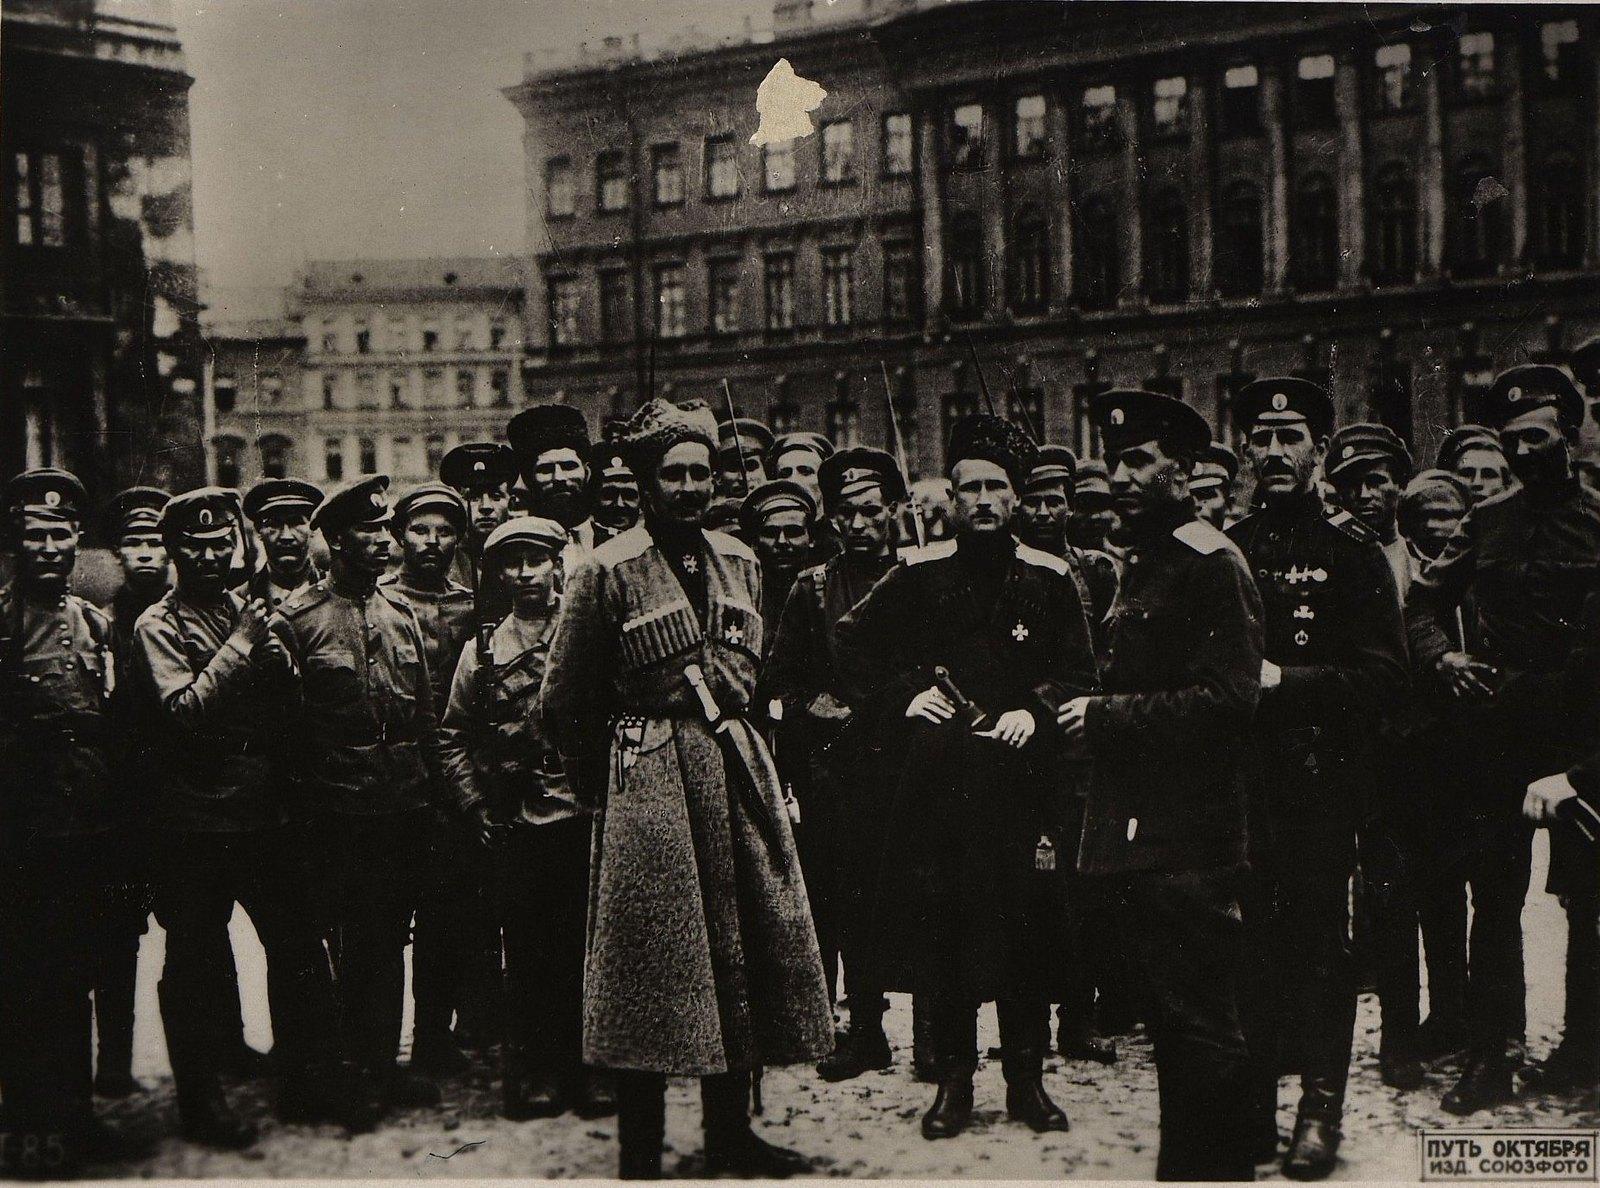 16-18 июля. Командующий войсками округа П. А. Половцов со своими офицерами